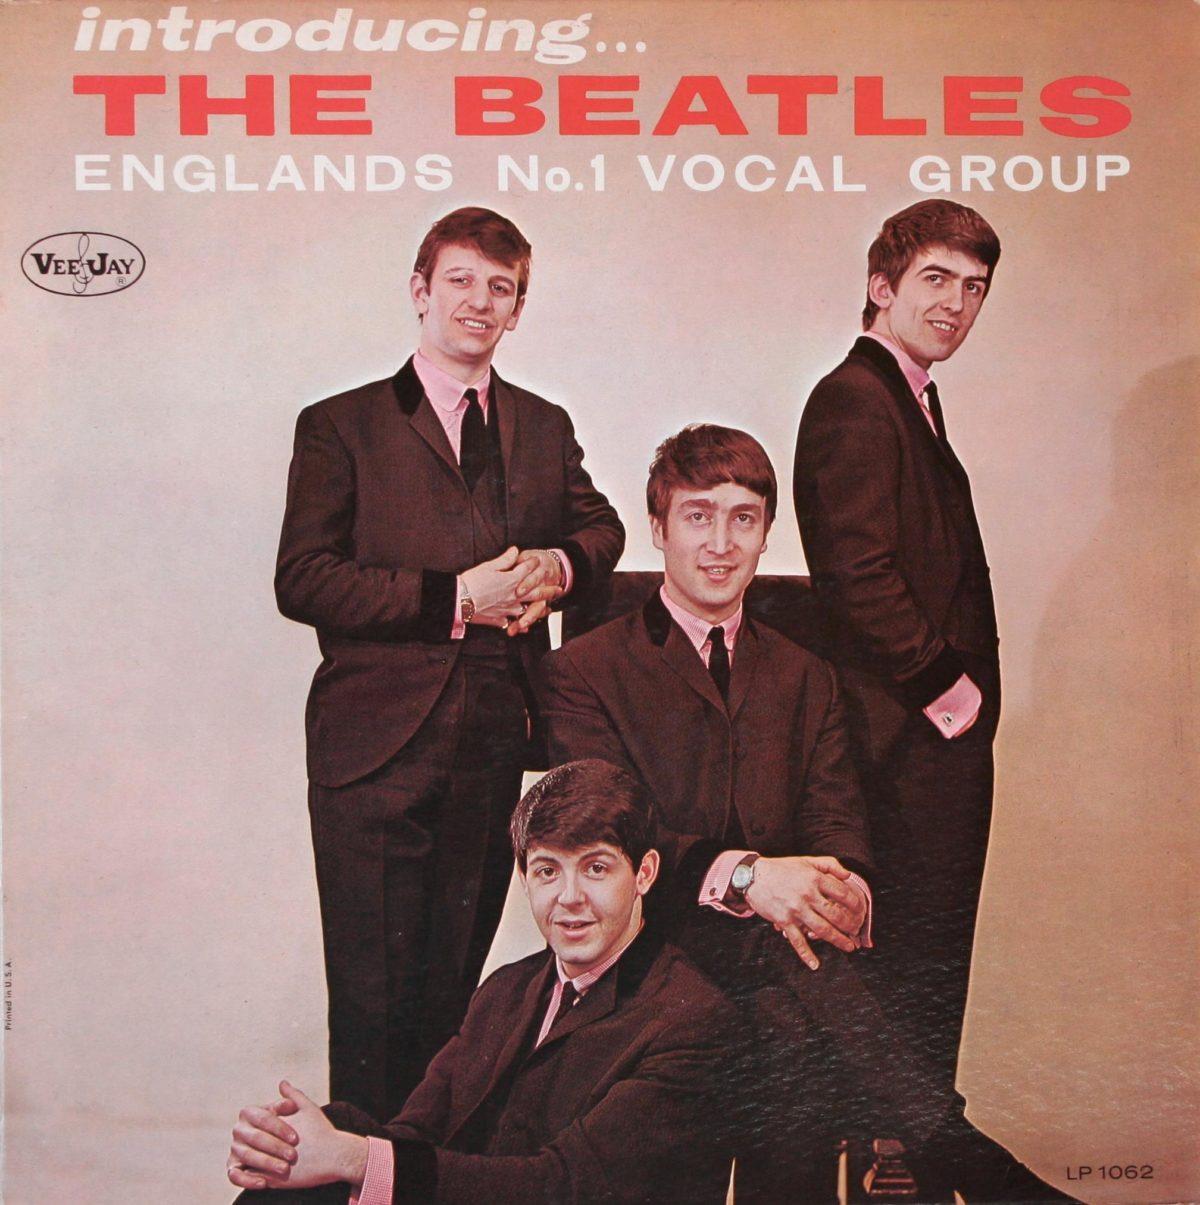 The Bearles - Introducing The Beatles. Я держал эту пластинку в руках, и честно сказать большого желания оставлять её в коллекции у меня не возникло. По двум причинам: парни на обложке покрашены хной в неприятный темно рыжий цвет. В эру моей юности советские тетки закрашивали этим красителем (за отсутствием альтернативы) раннюю, да и позднюю седину.